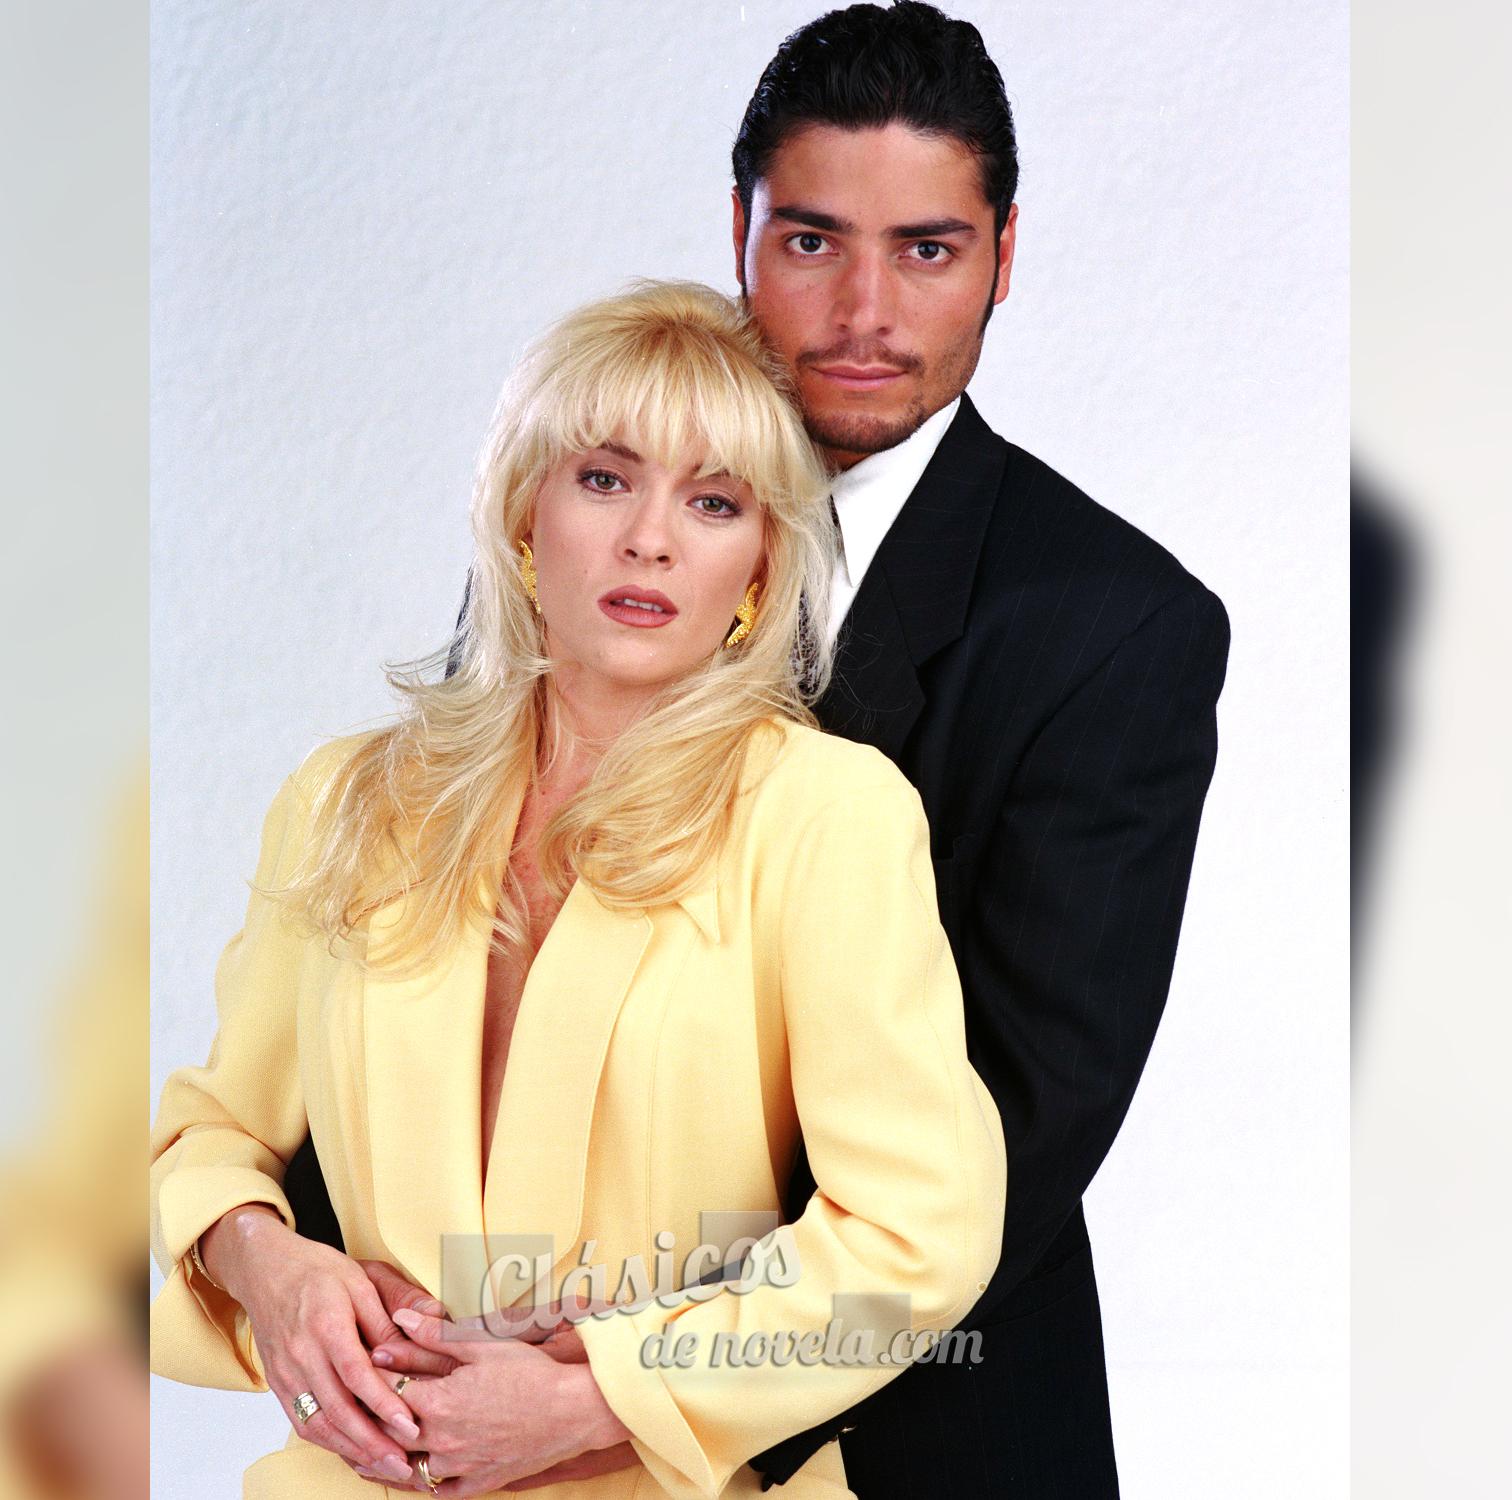 Resultado de imagen para volver a empezar telenovela